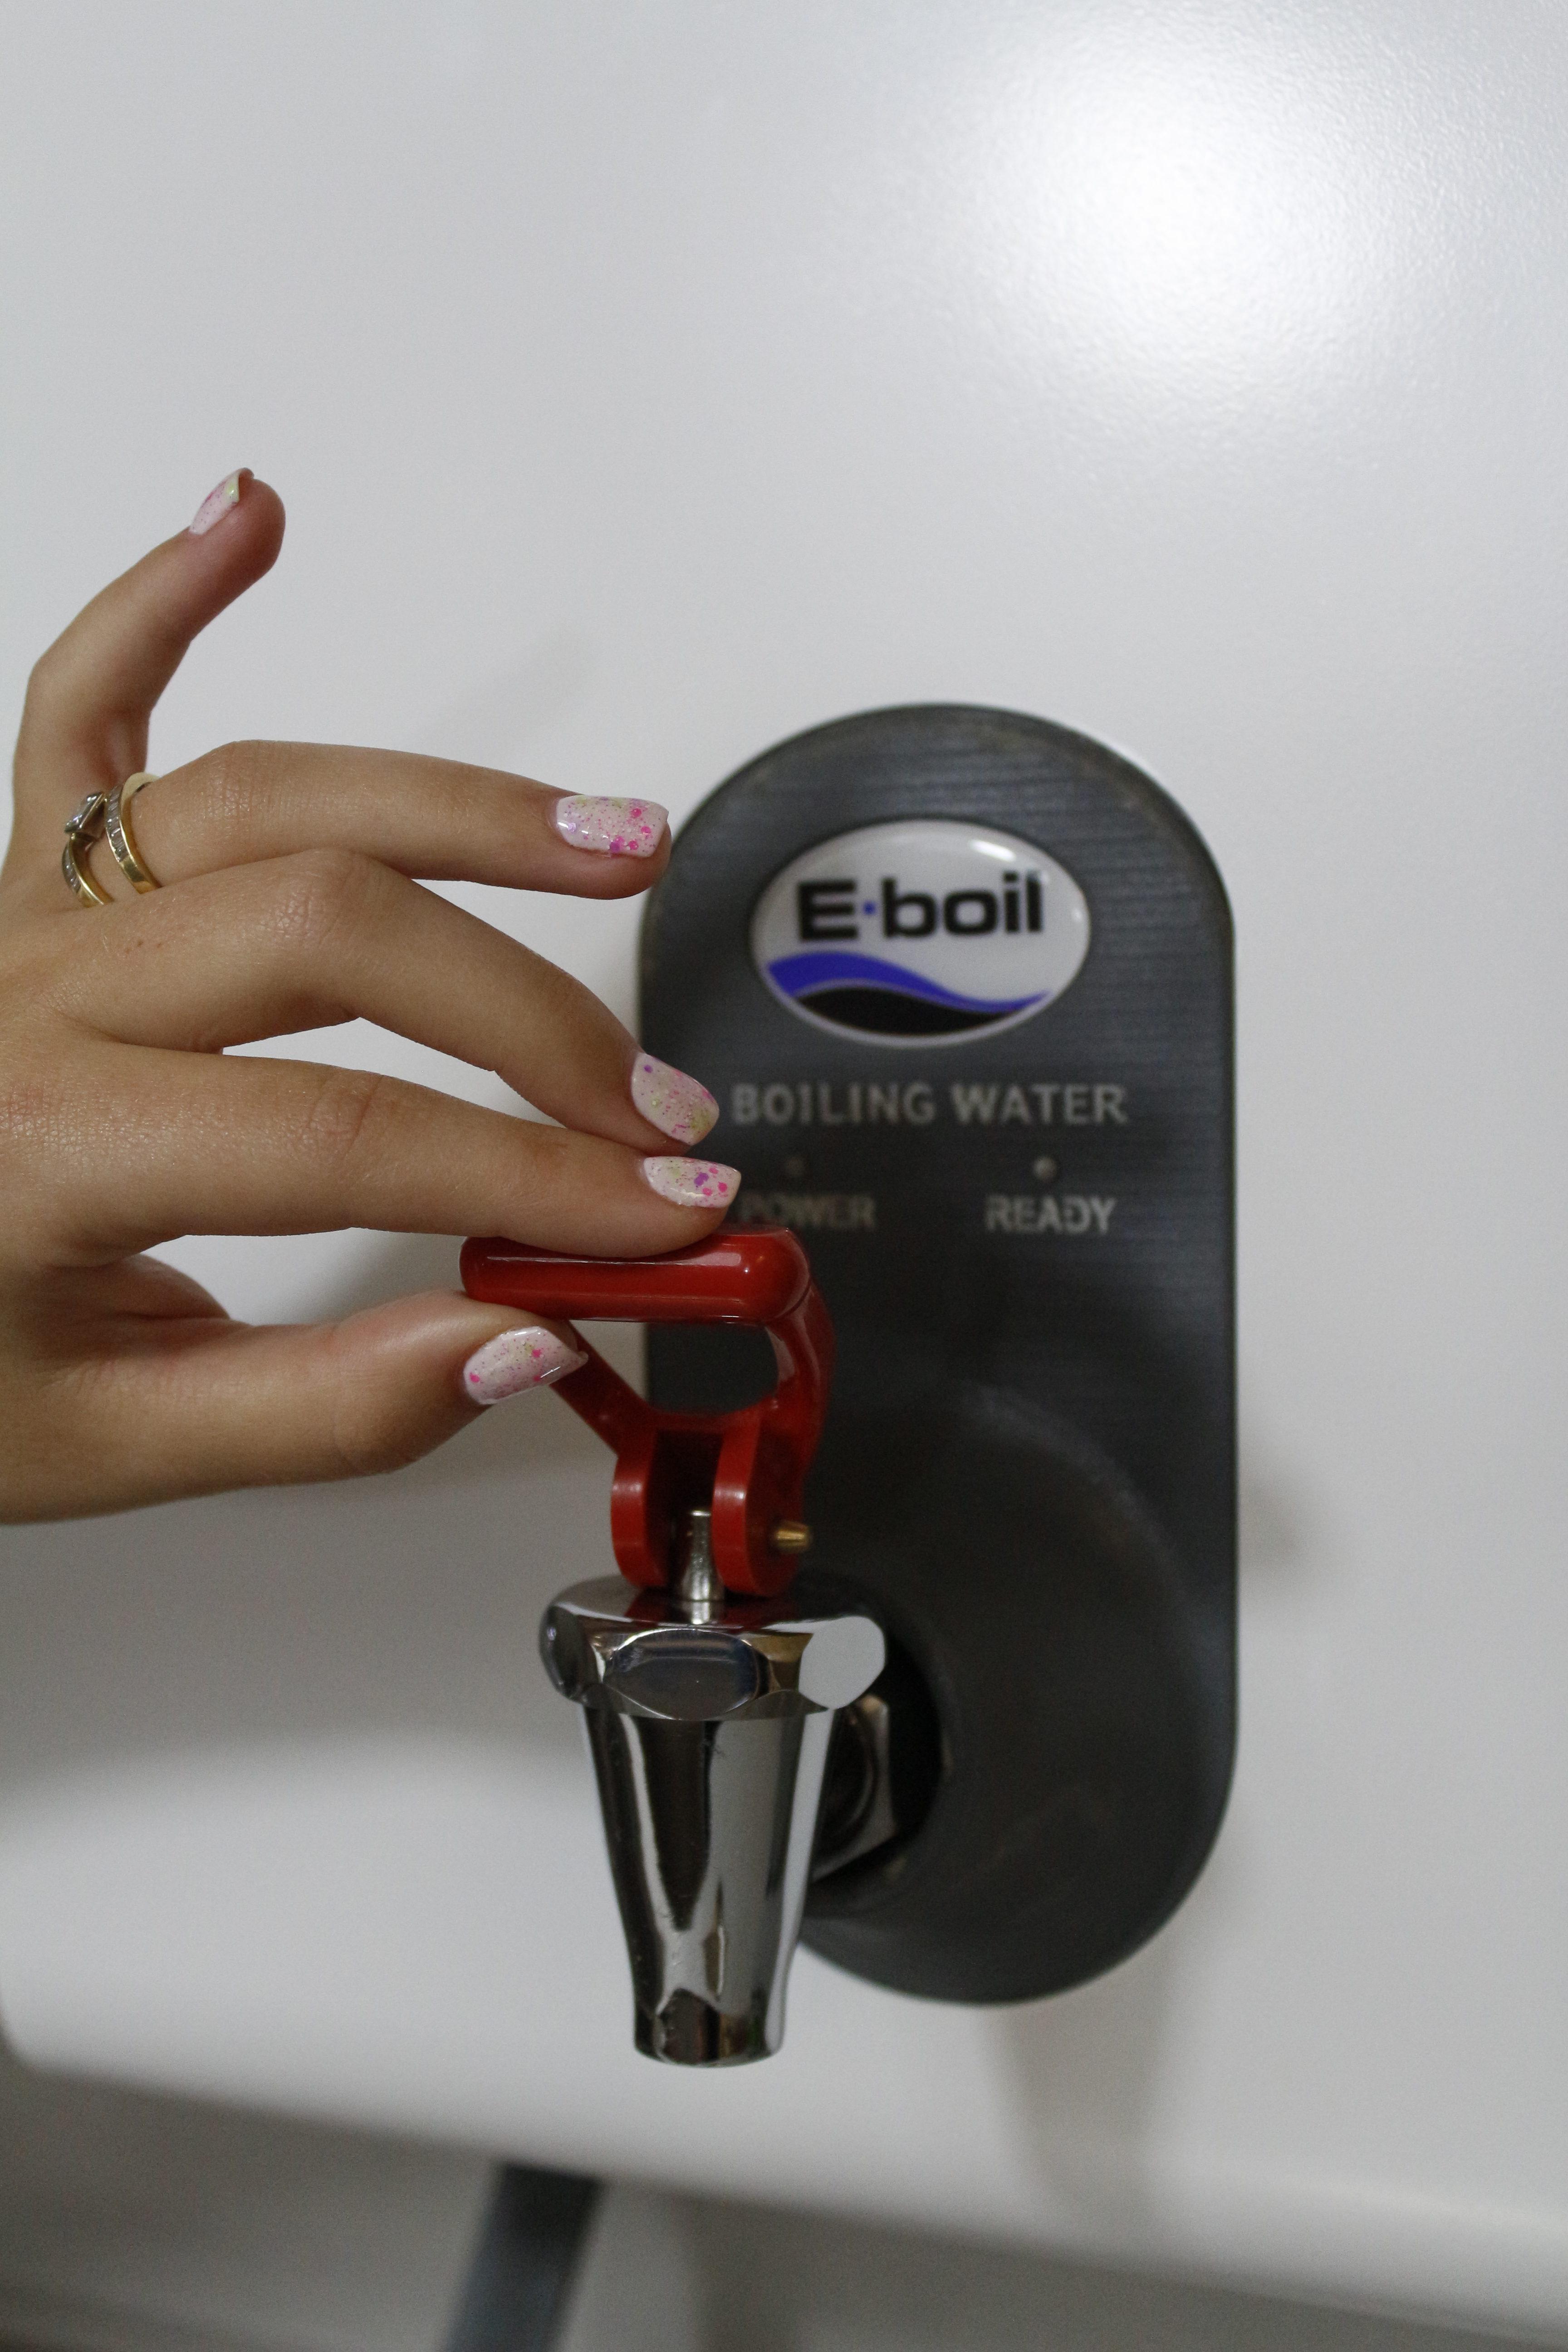 E-Boil BlueWave 5 Litre - Stainless Steel finish